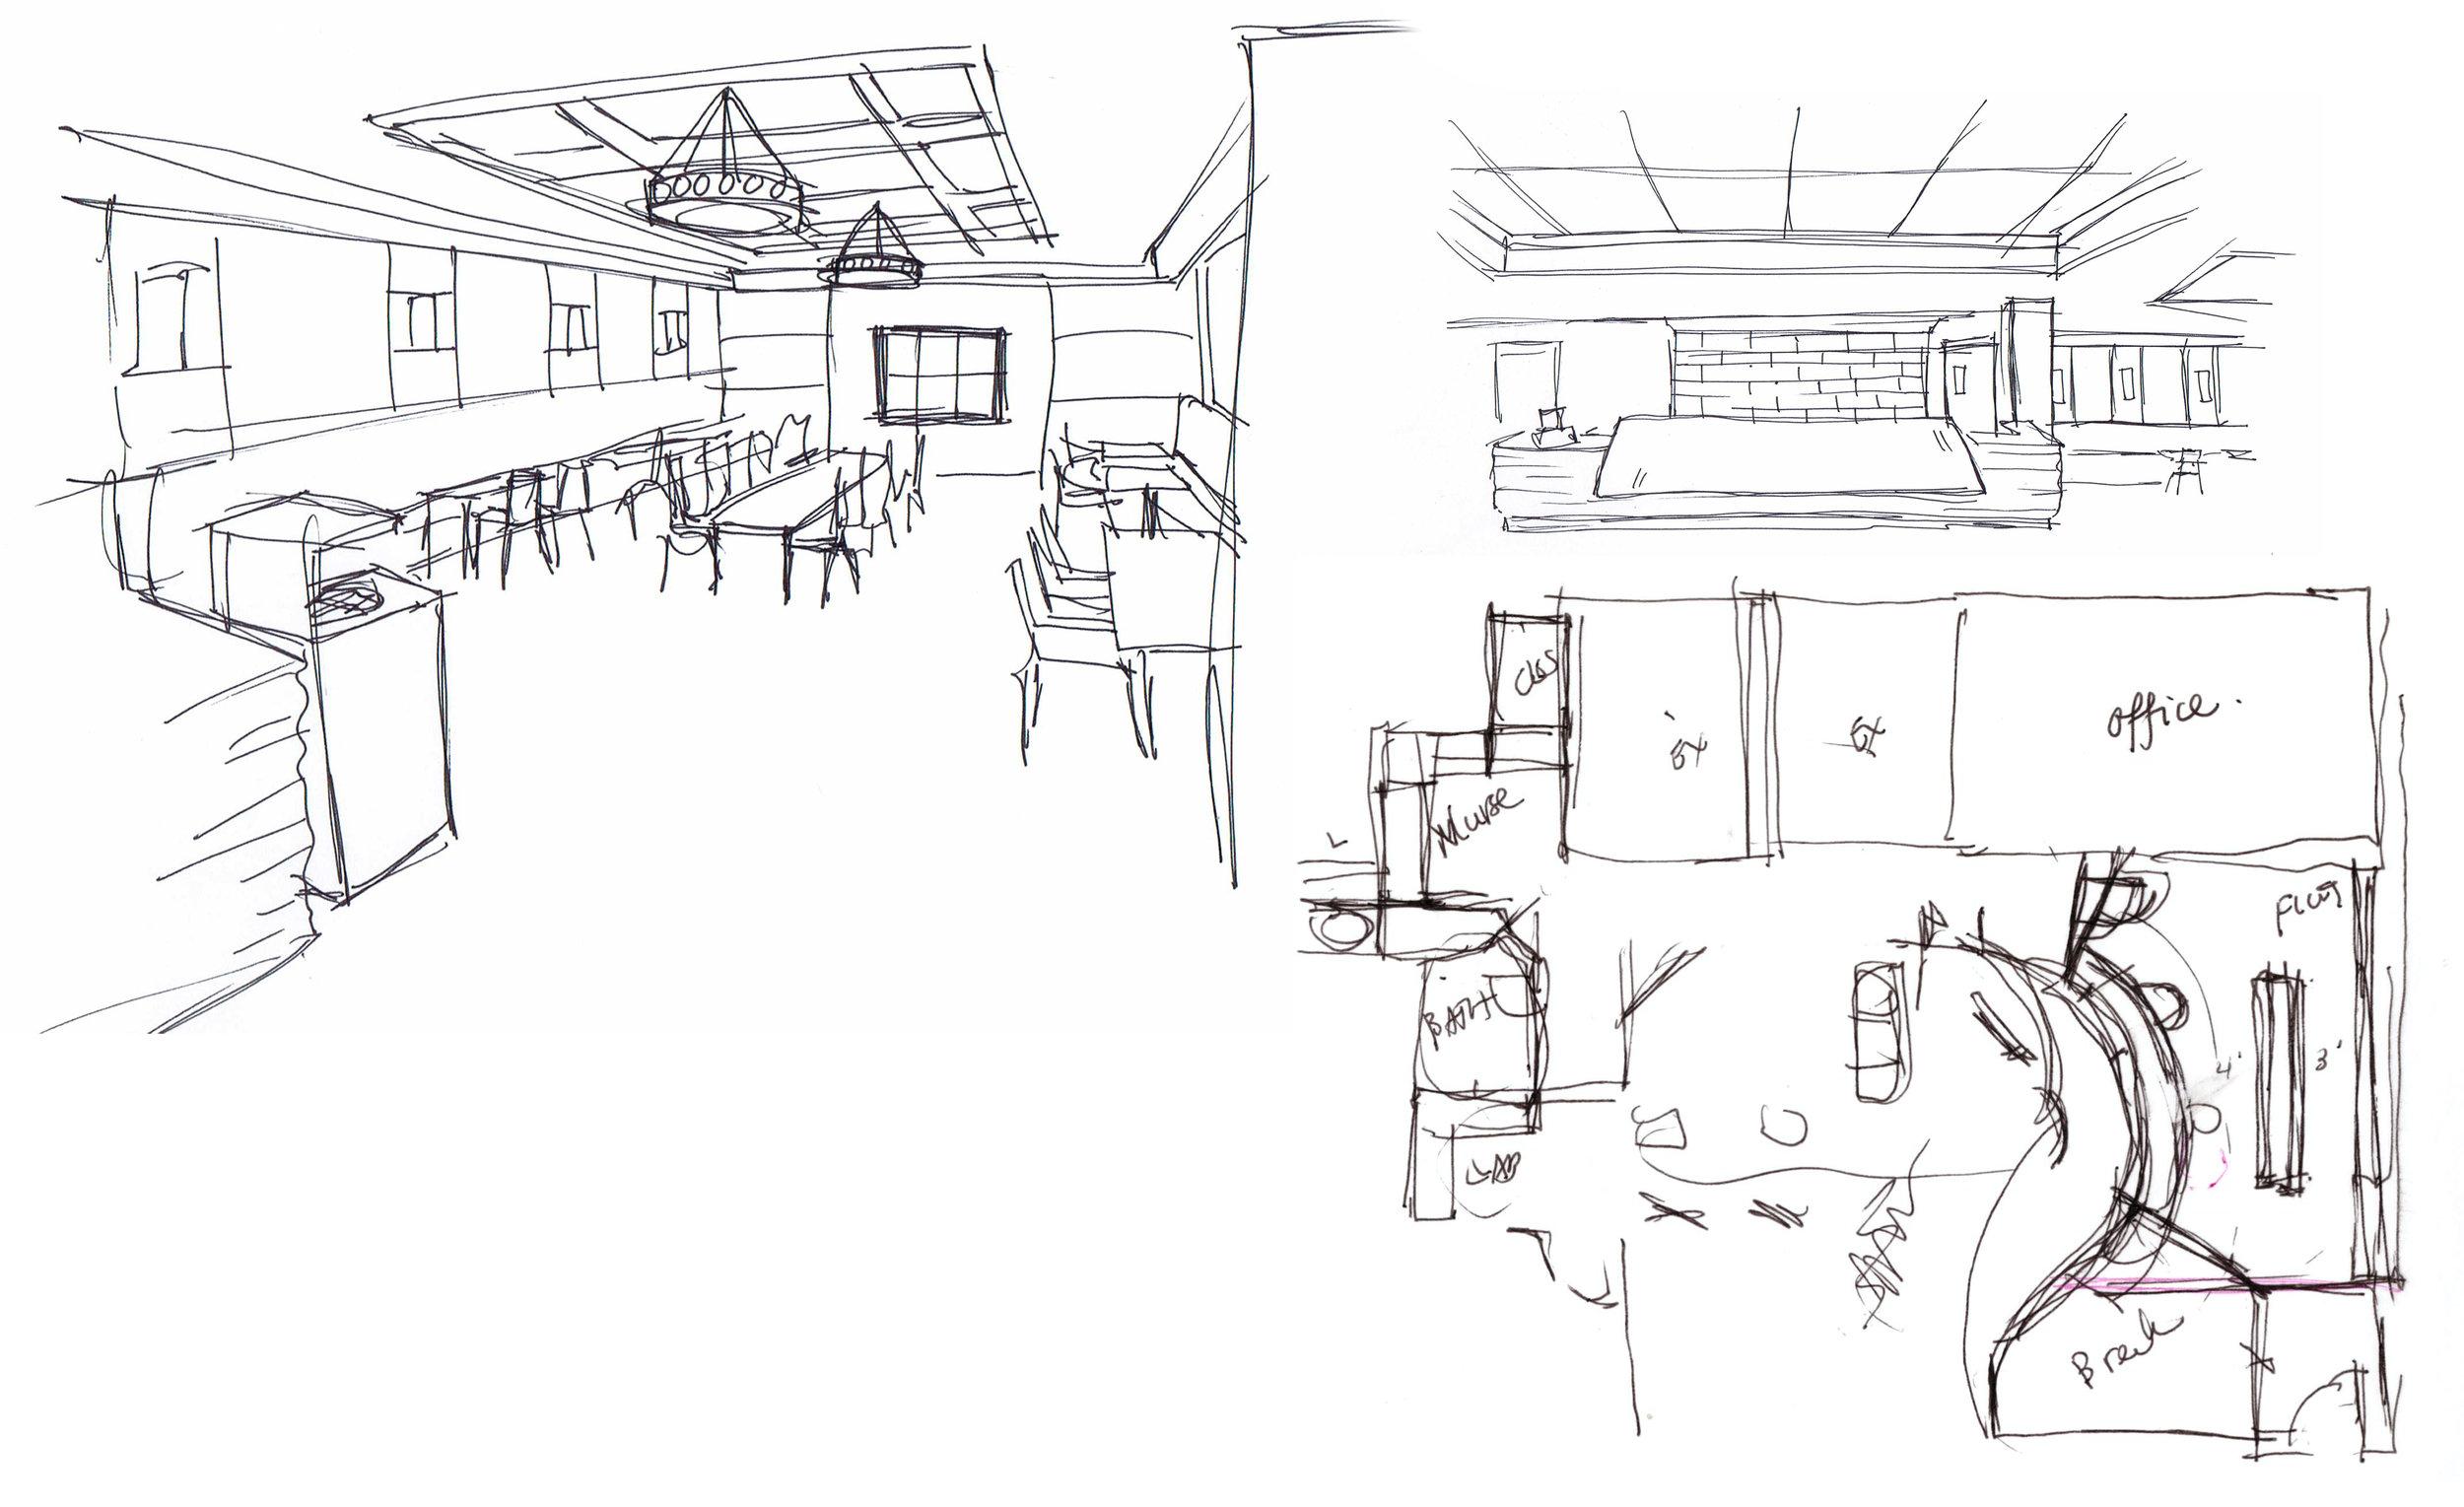 Conceptual Design Sketches